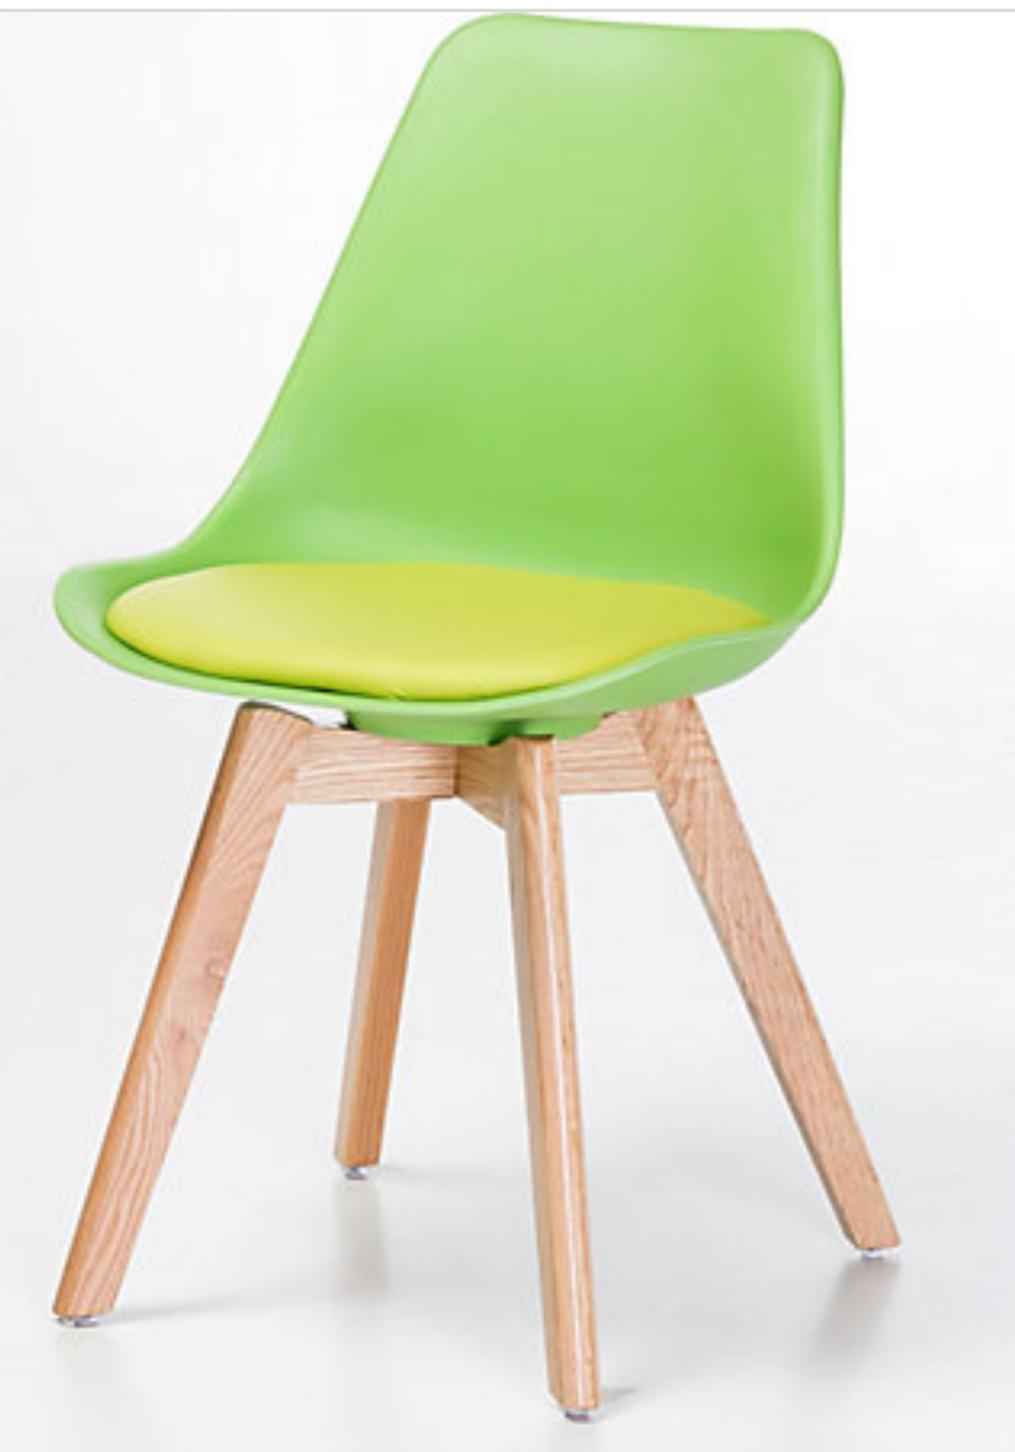 G+K Schalenstuhl - Stuhl im Retro-Design